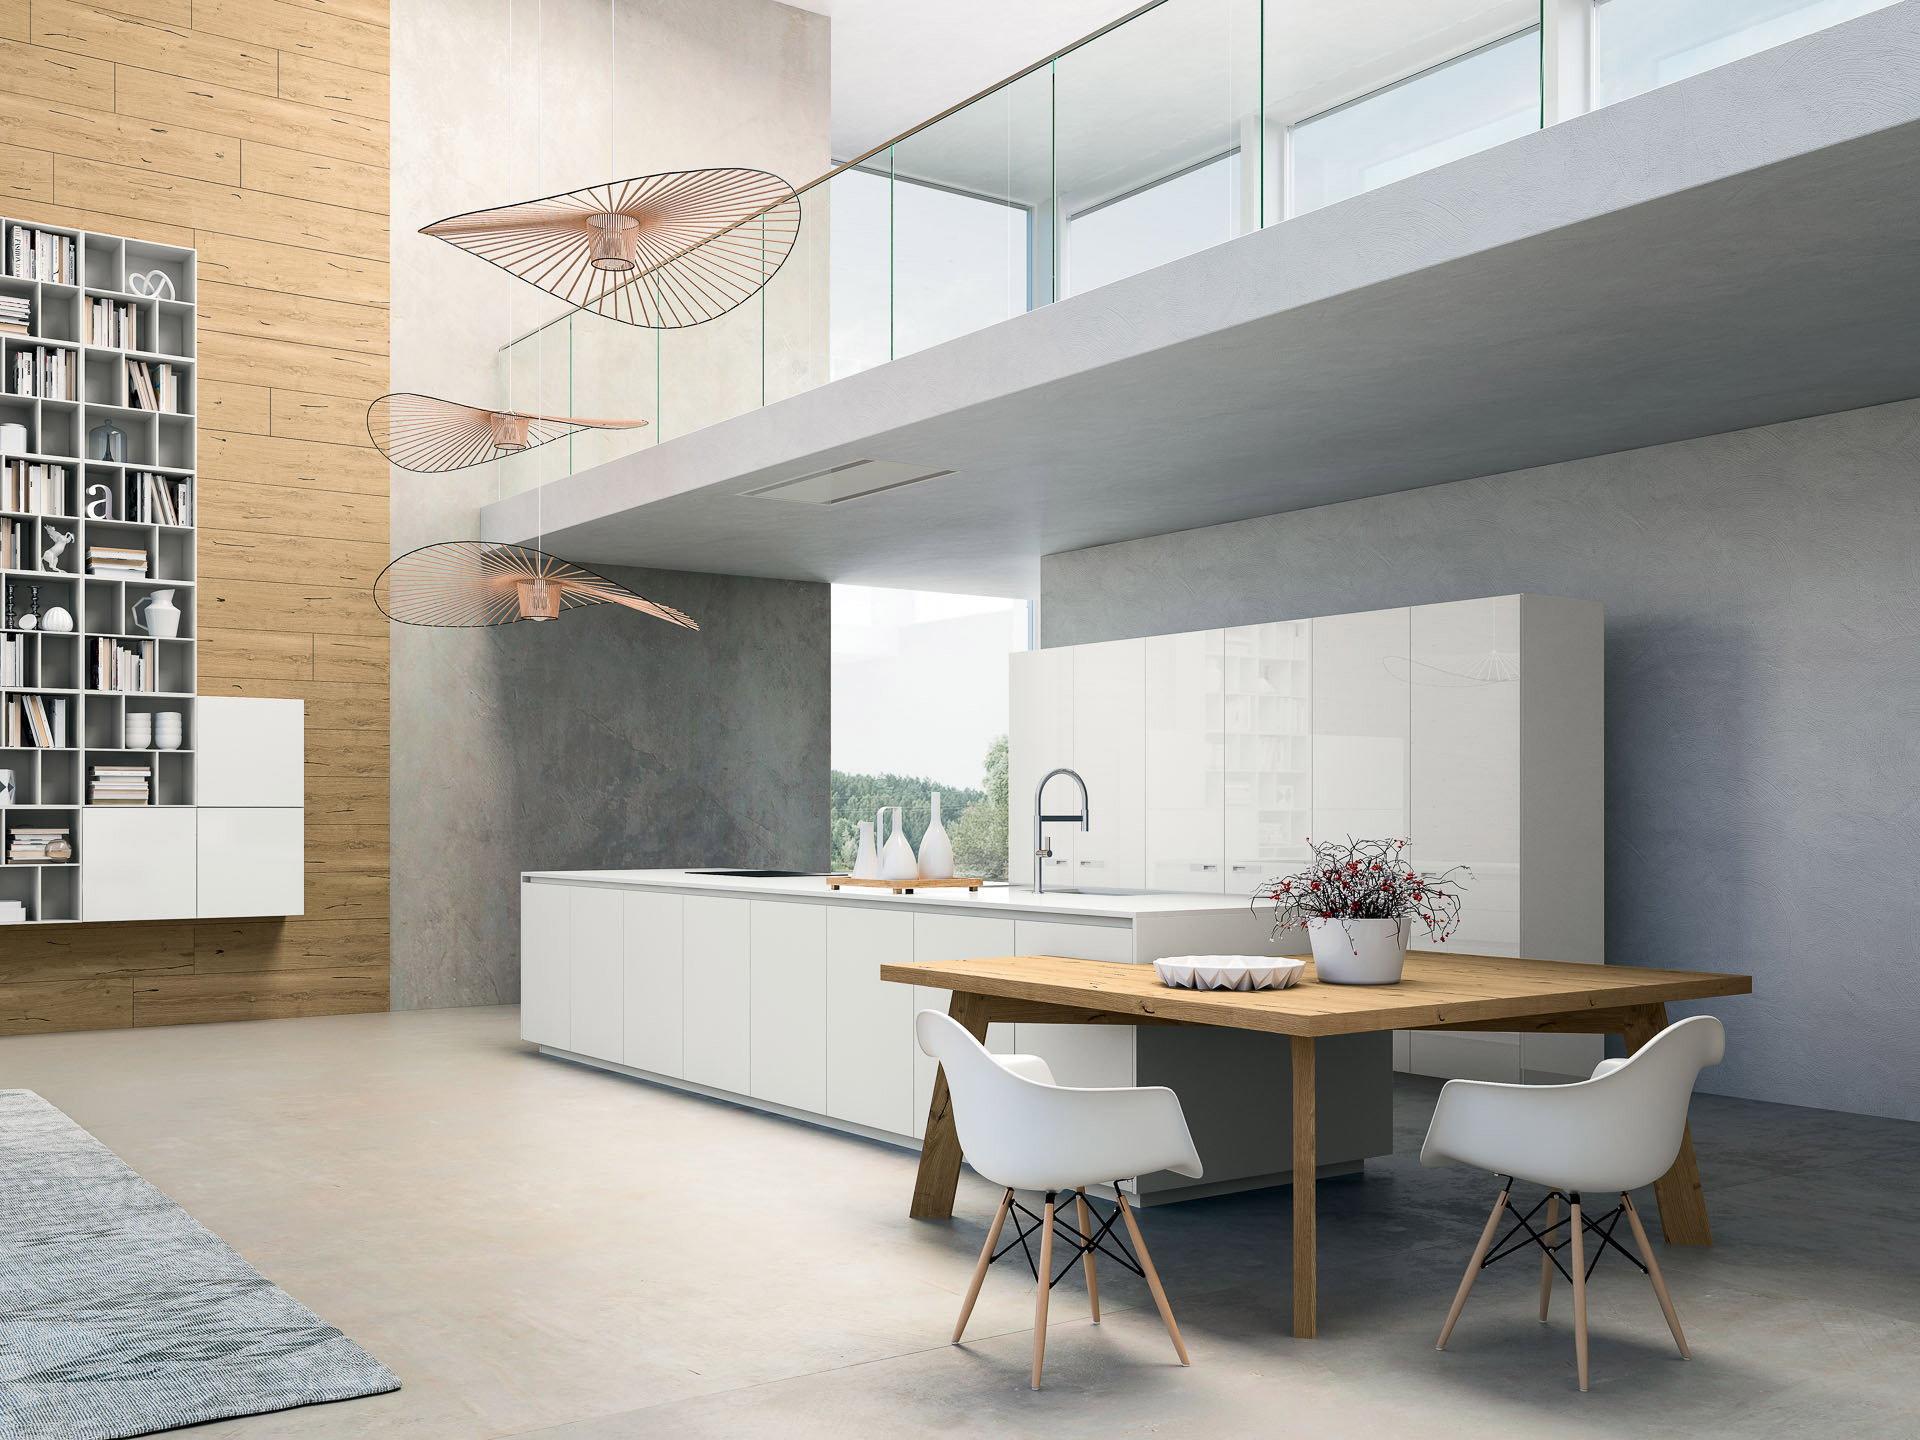 cucine moderne arredamenti riuniti